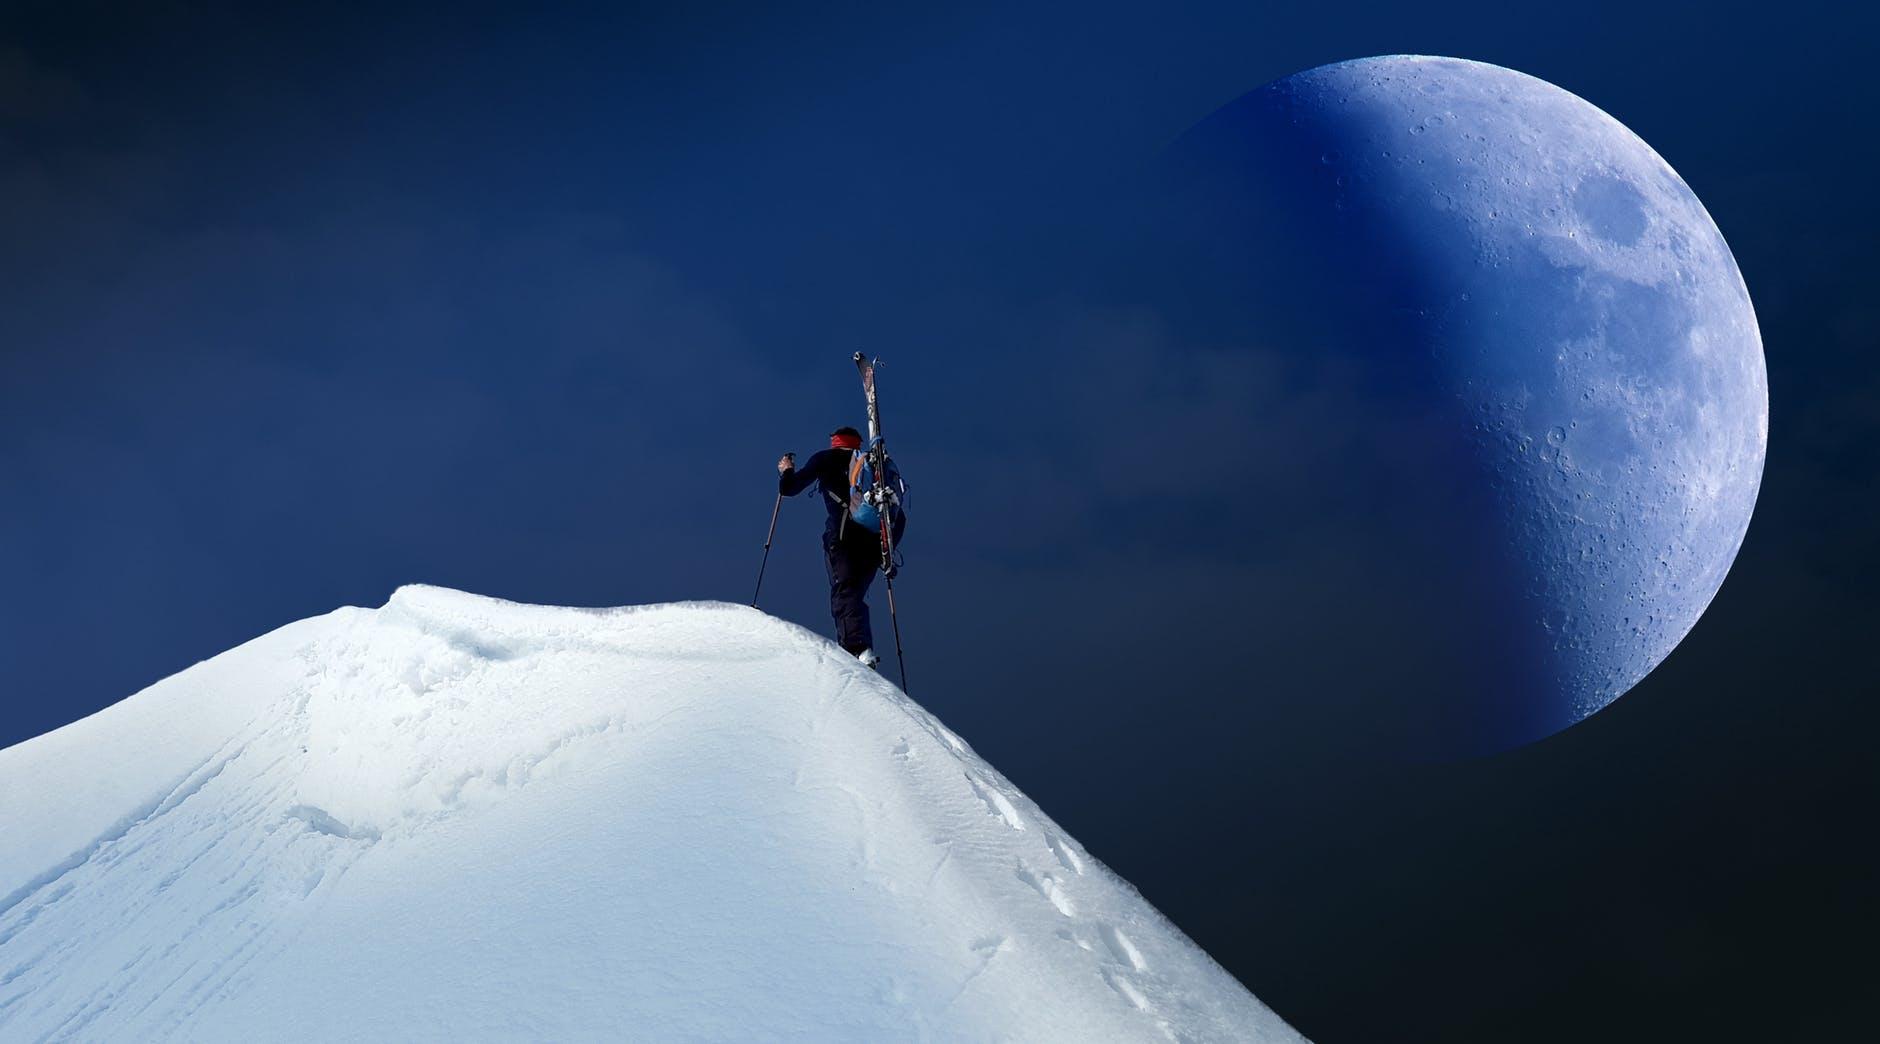 20 luglio 1969: il momento in cui l'uomo ha superato i propri limiti ed è nato il Moonshot Thinking